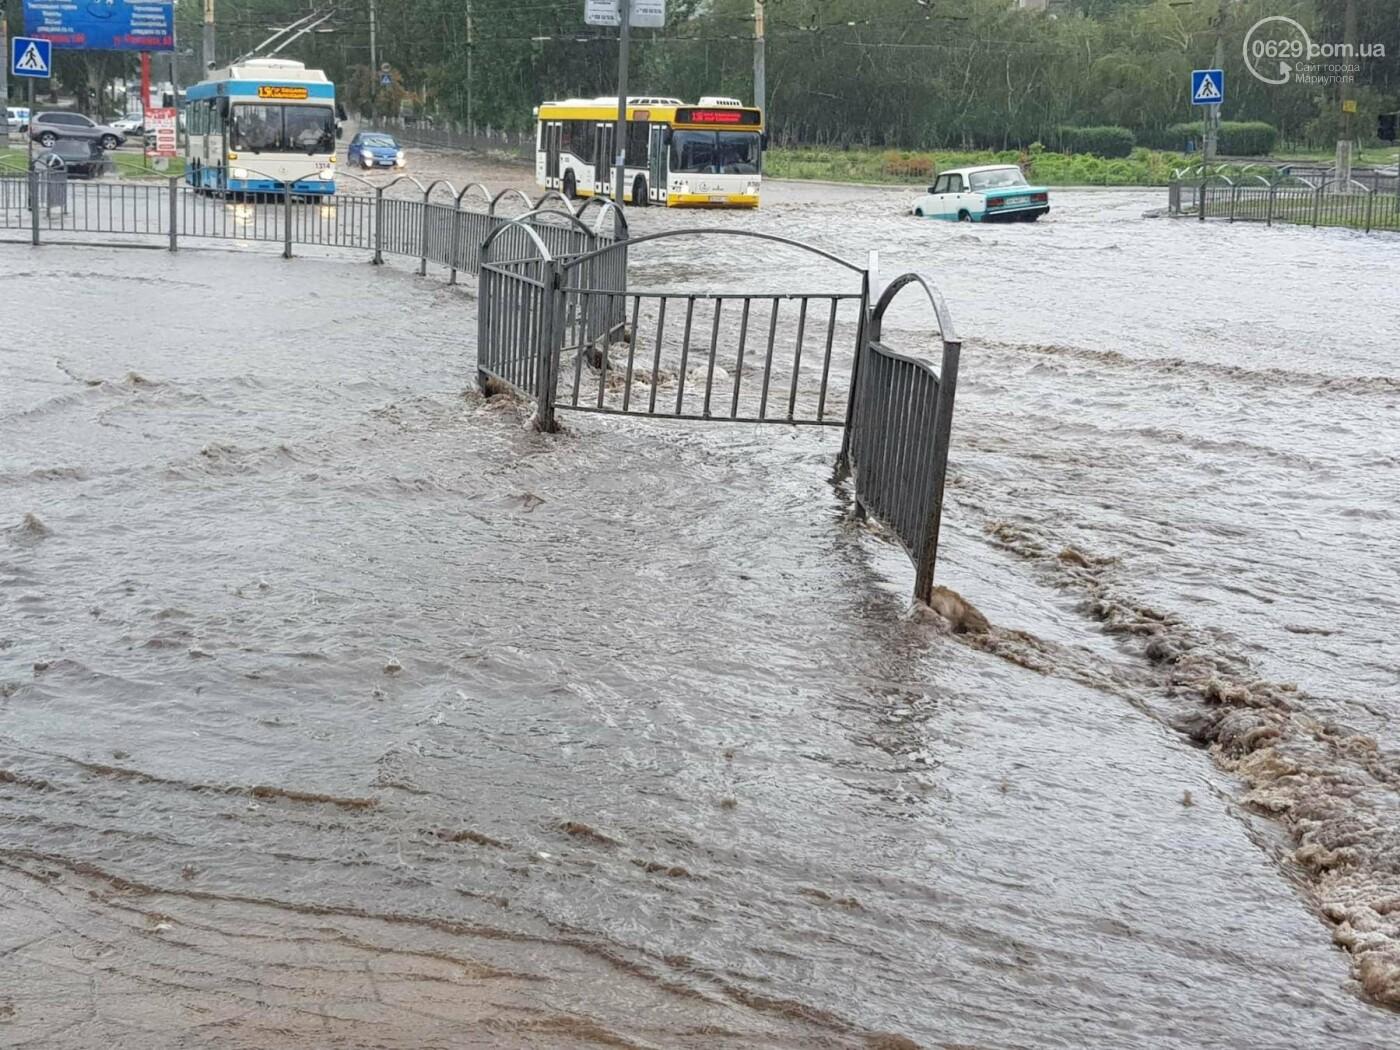 Мариупольцы оказались не подготовлены к ливню,  а площадь Кирова традиционно затопило, - ФОТО, ВИДЕО, фото-7